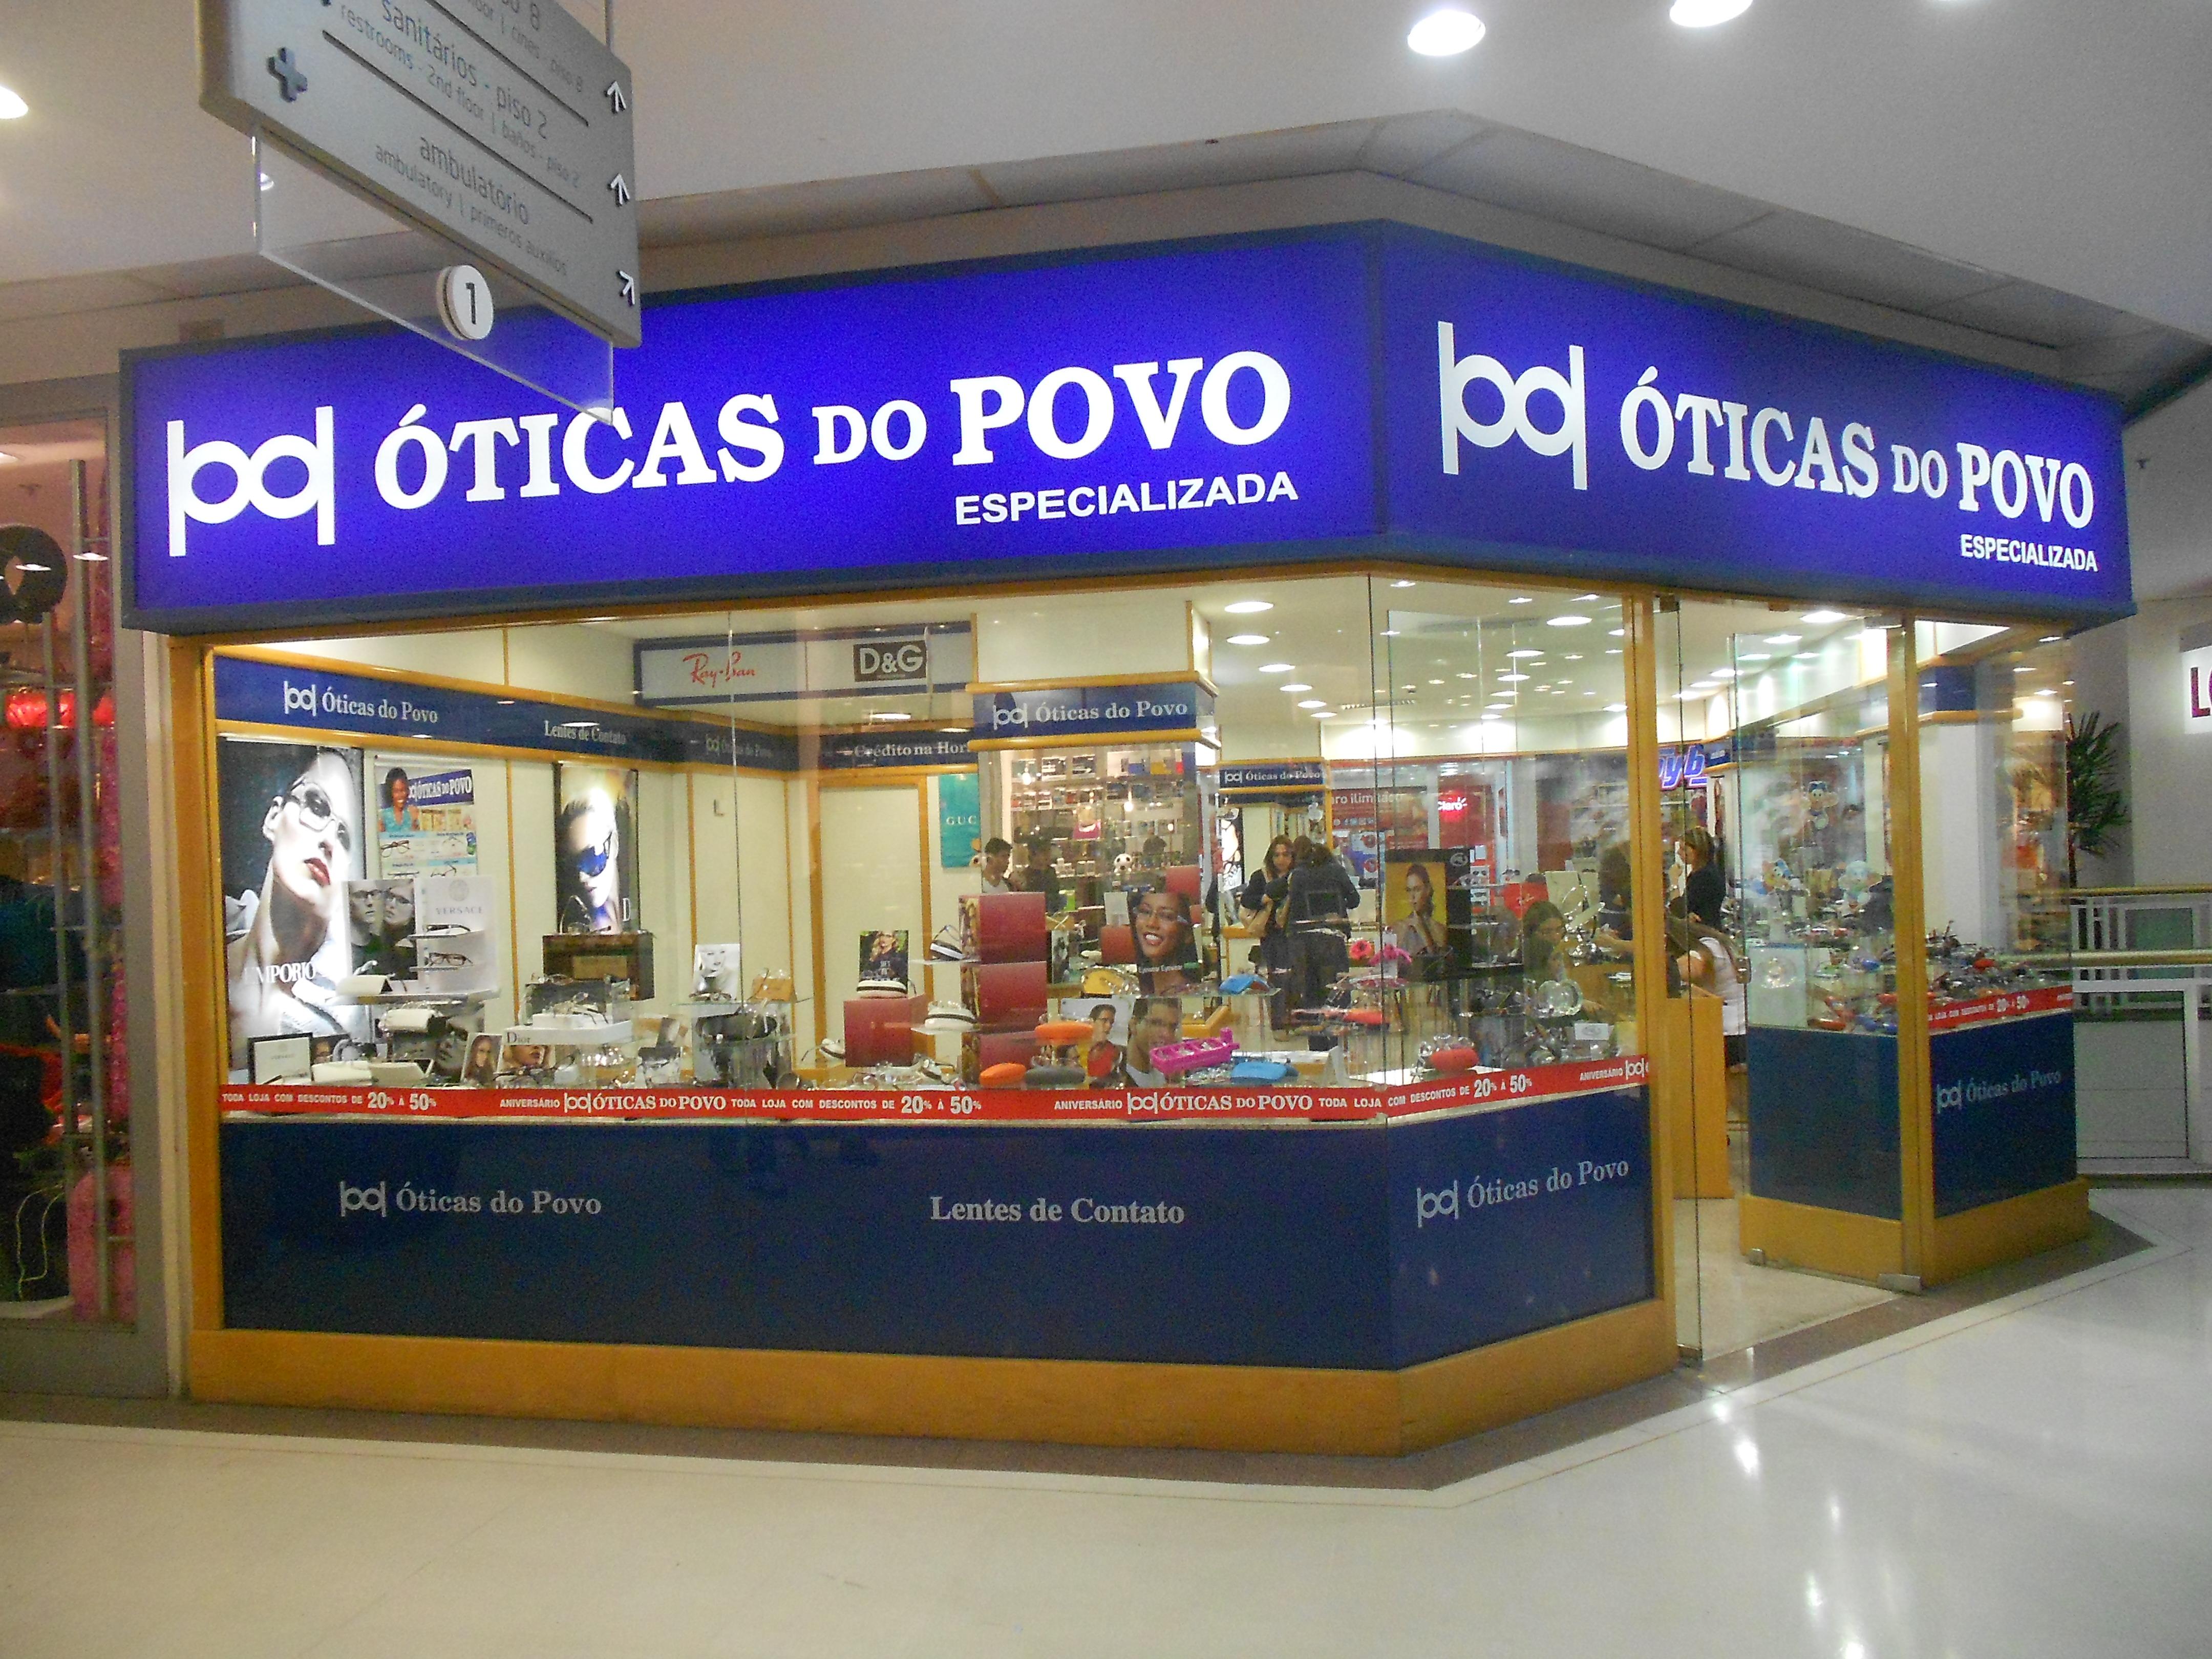 1a6bbe5335de4 File Óticas do Povo.jpg - Wikimedia Commons